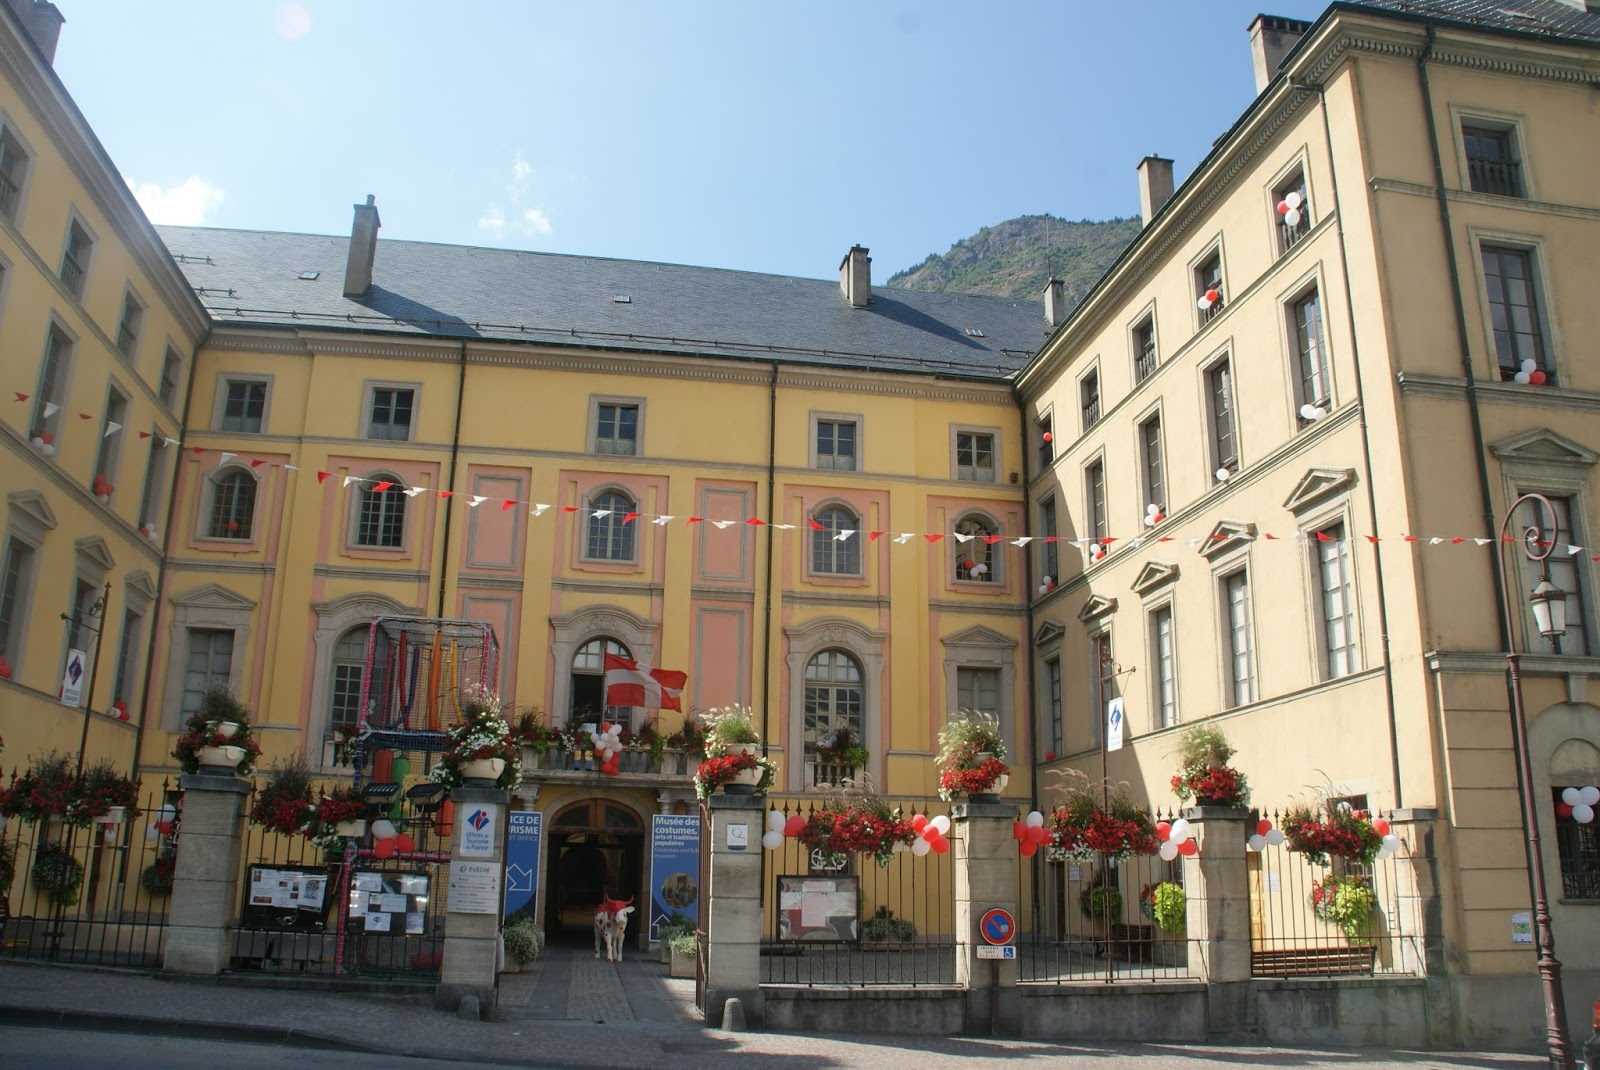 Les derni res infos de haute tarentaise par pierre - Office de tourisme saint yrieix la perche ...